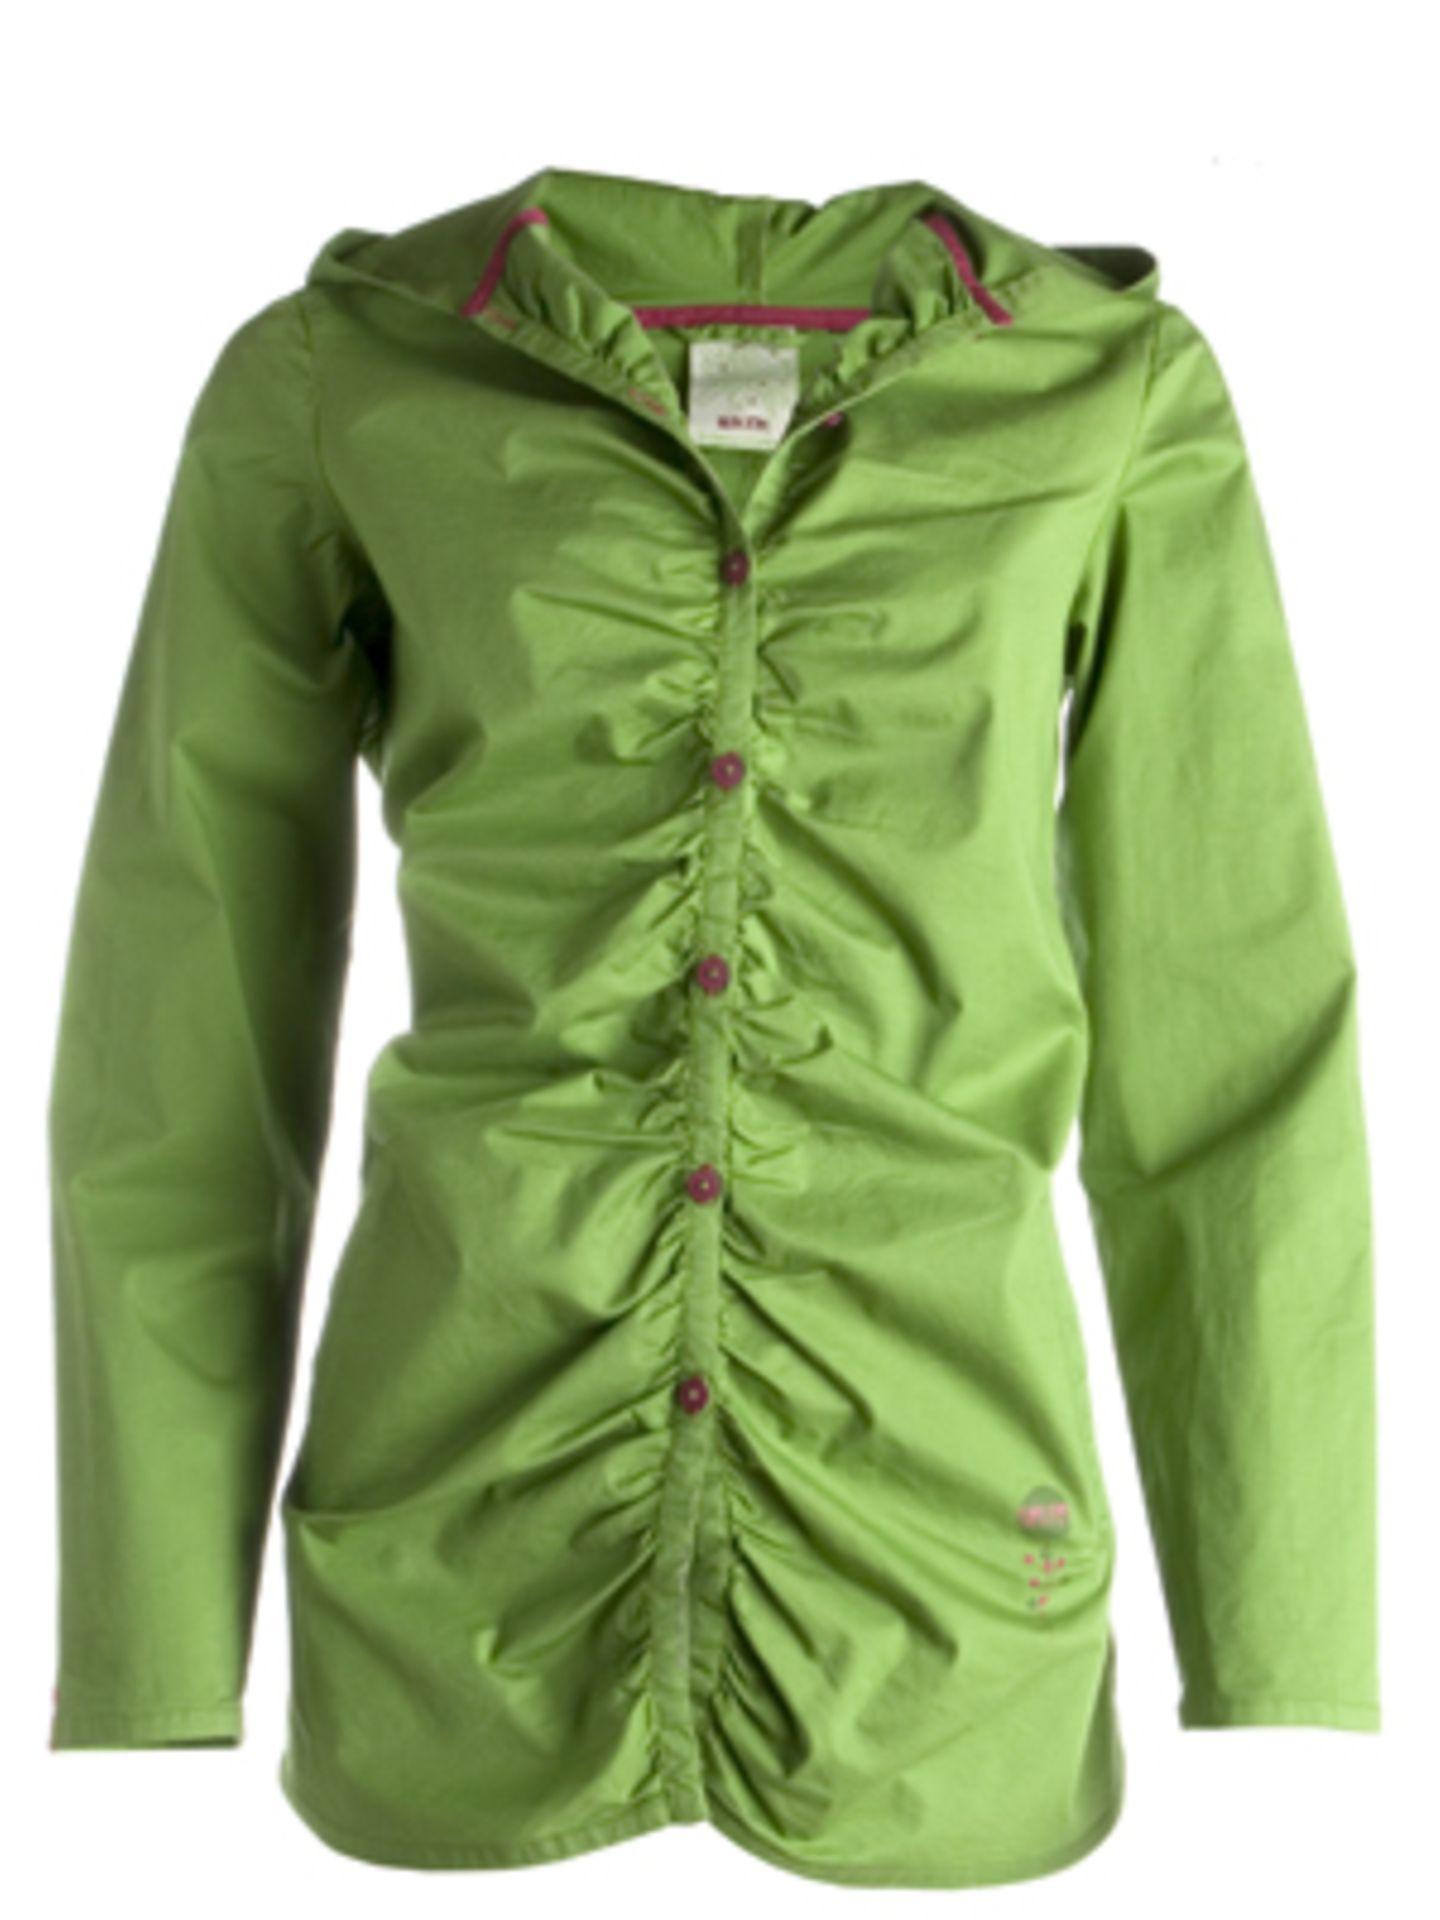 Regenmantel mit filigraner Knopfleiste, Raffungen und Kapuze in leuchtendem Grün von Skunkfunk, um 55 Euro.